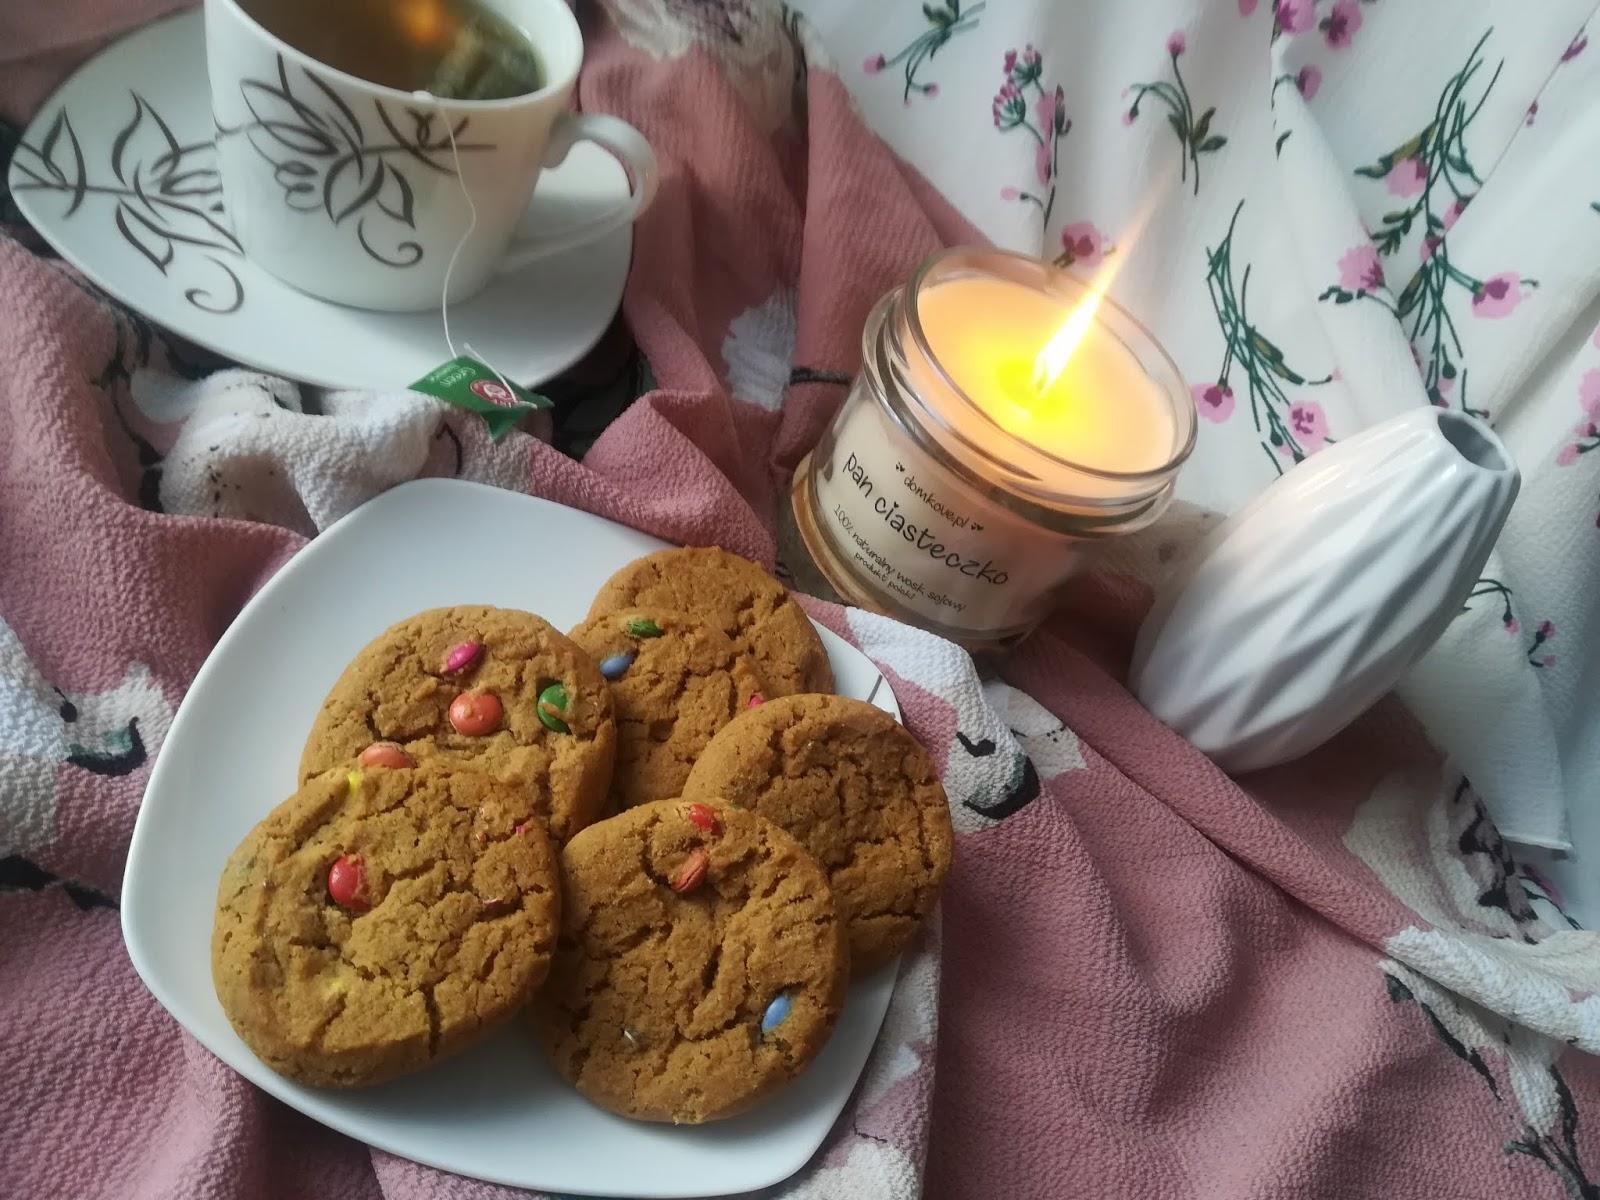 pan ciasteczko świeca sojowa domkove